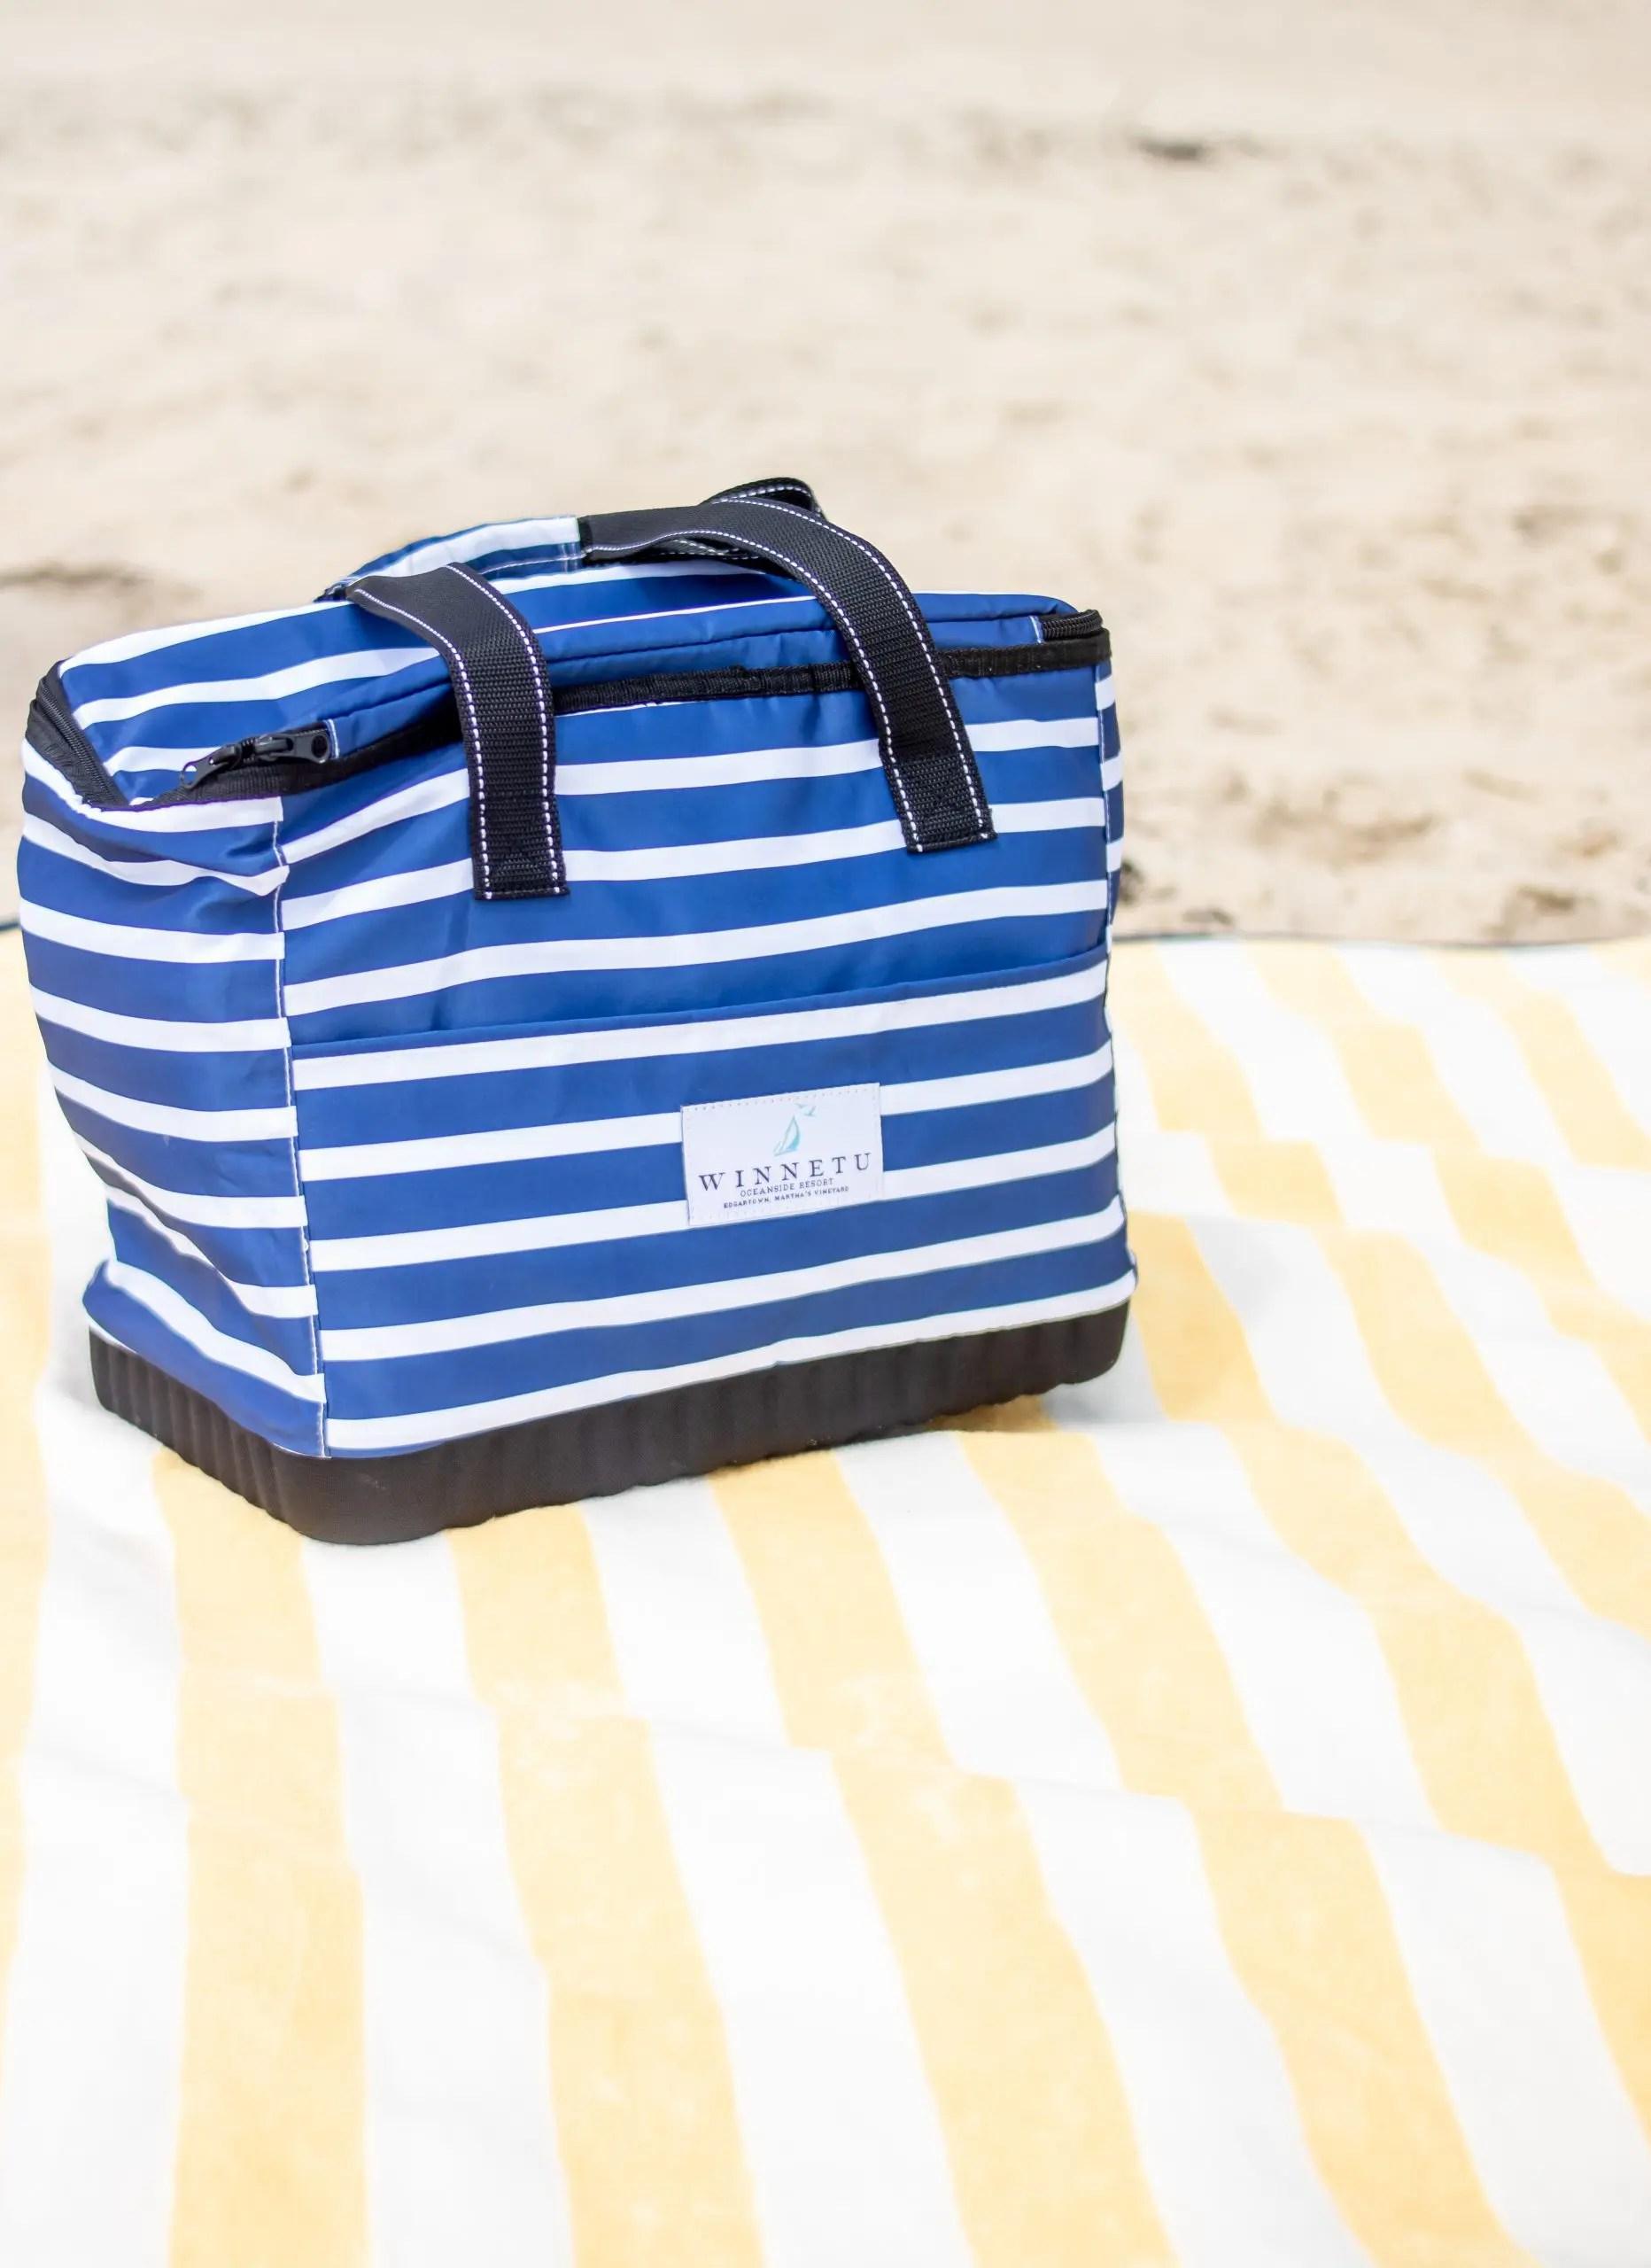 Winnetu Oceanside Resort Picnic Lunch on the Beach